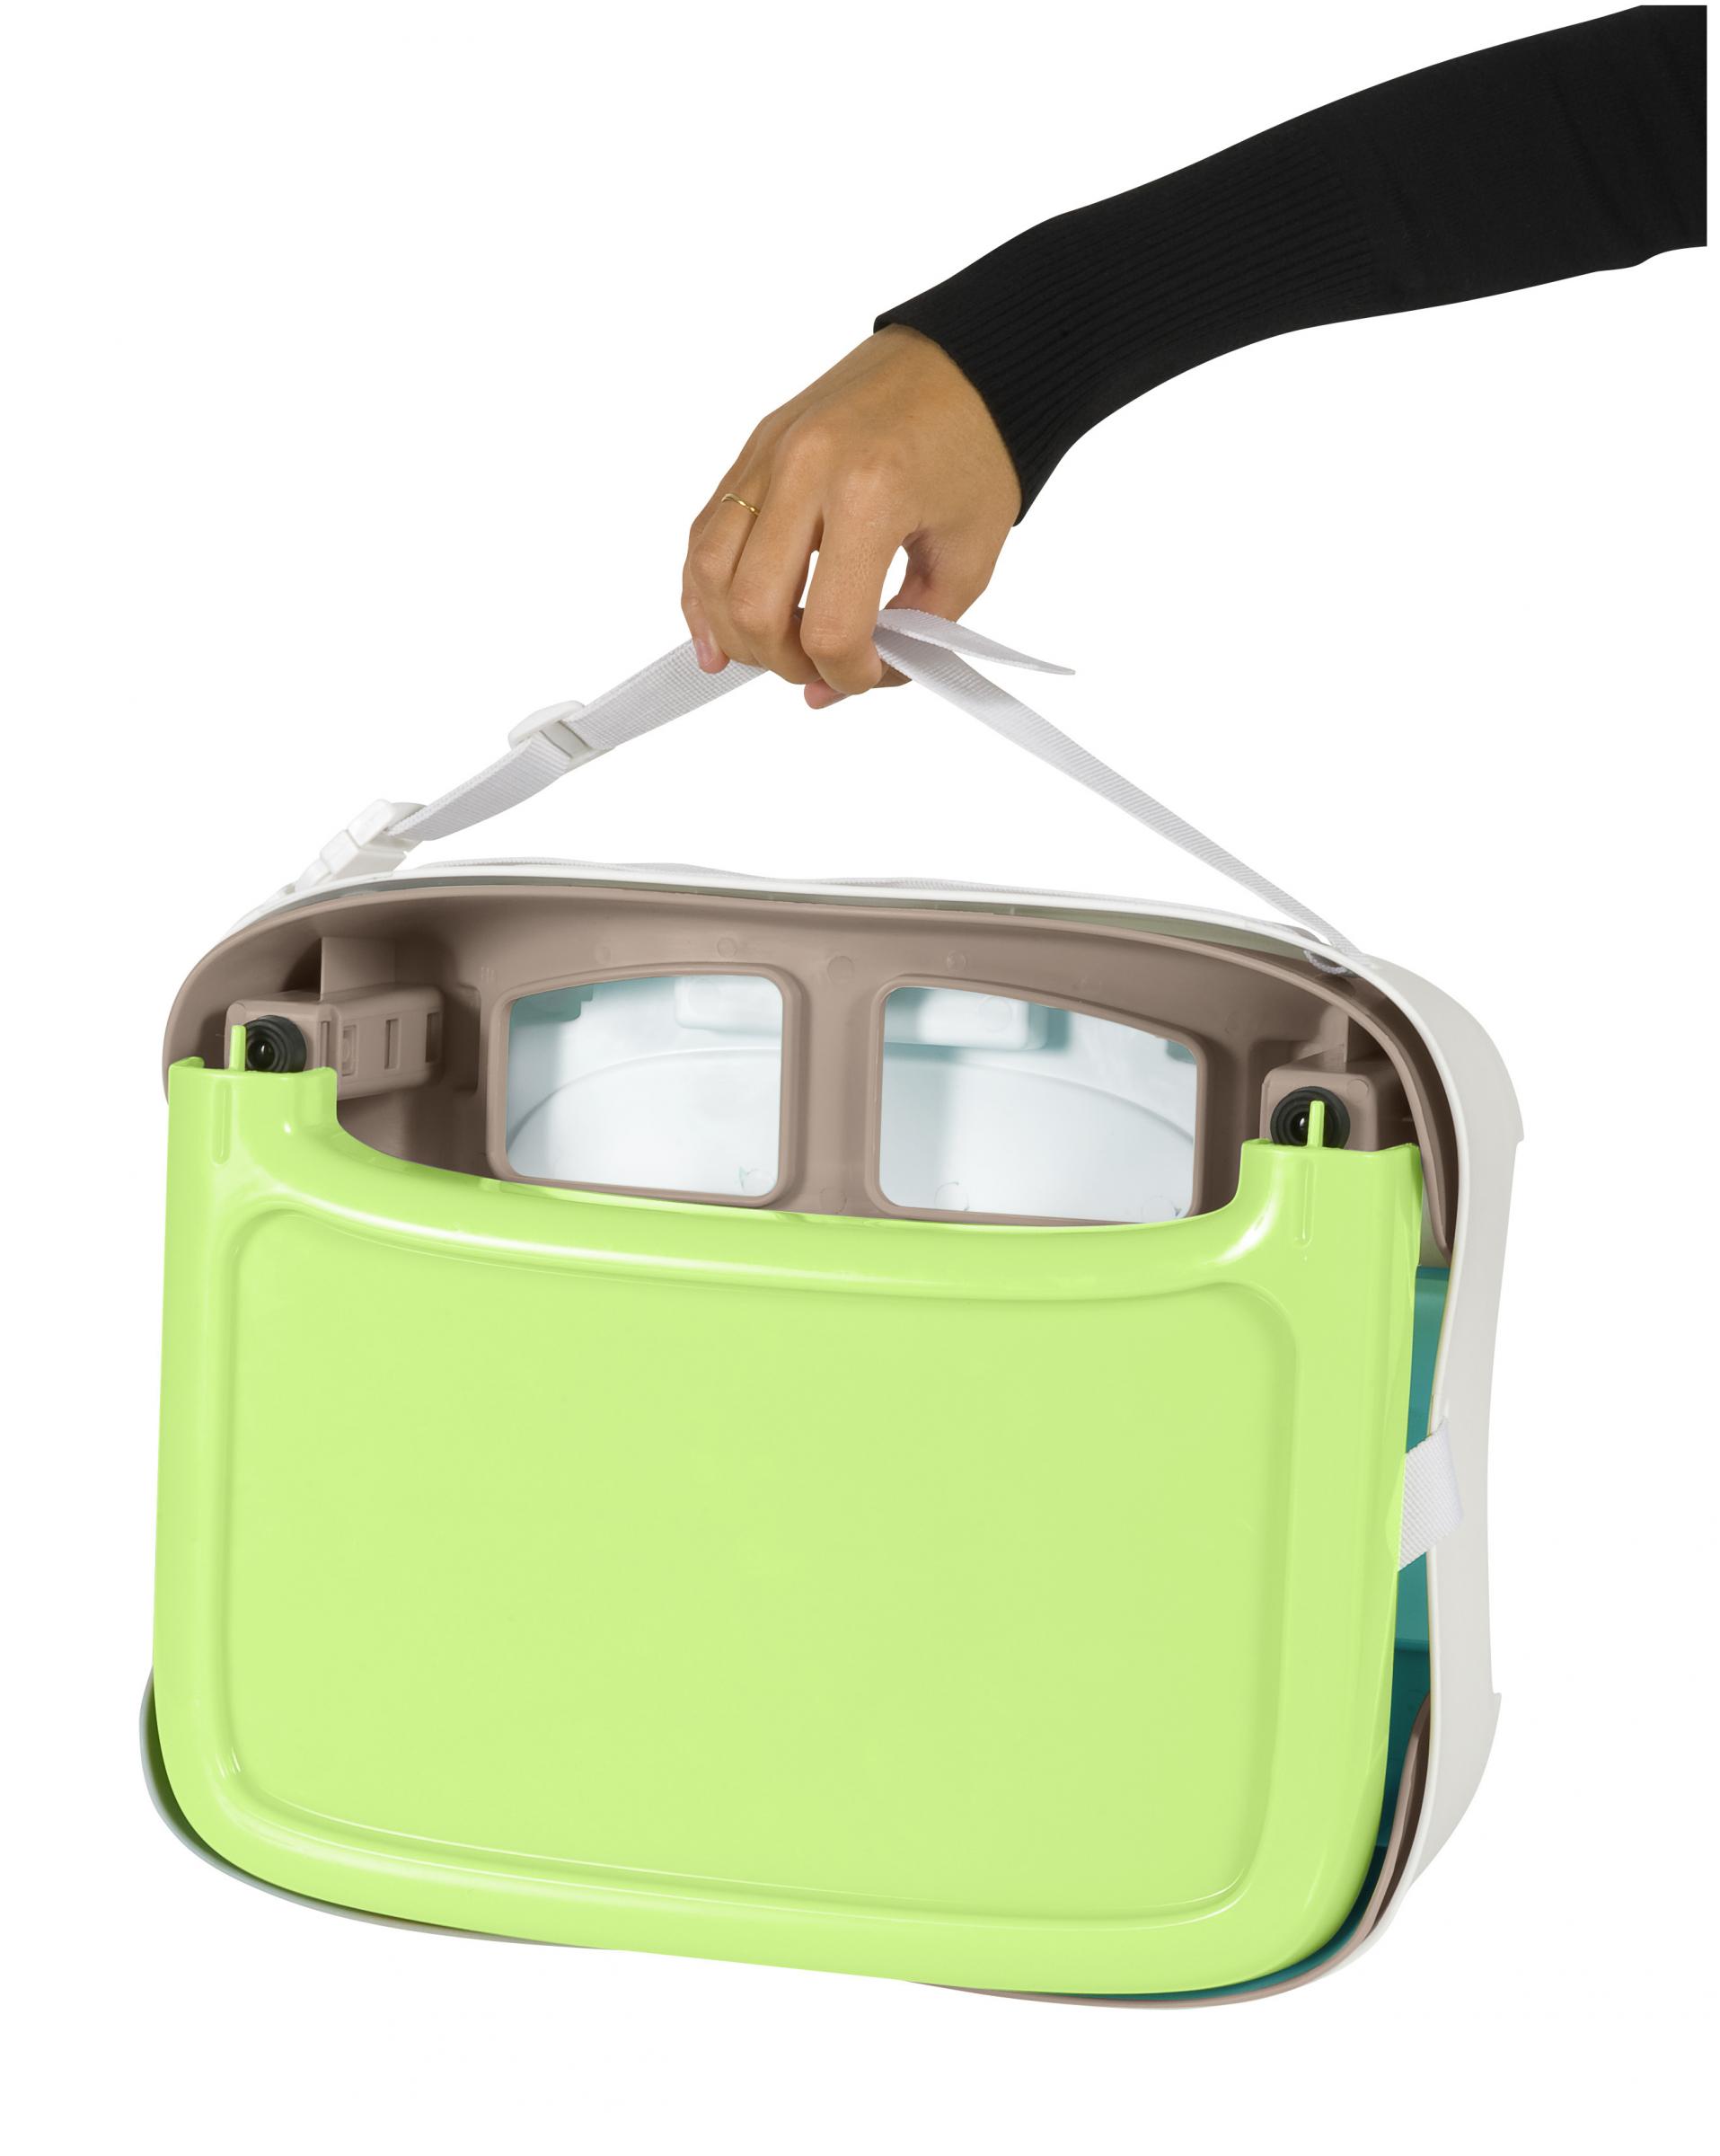 Babymoov Kompakte Sitzerhöhung braun/mandelgrün